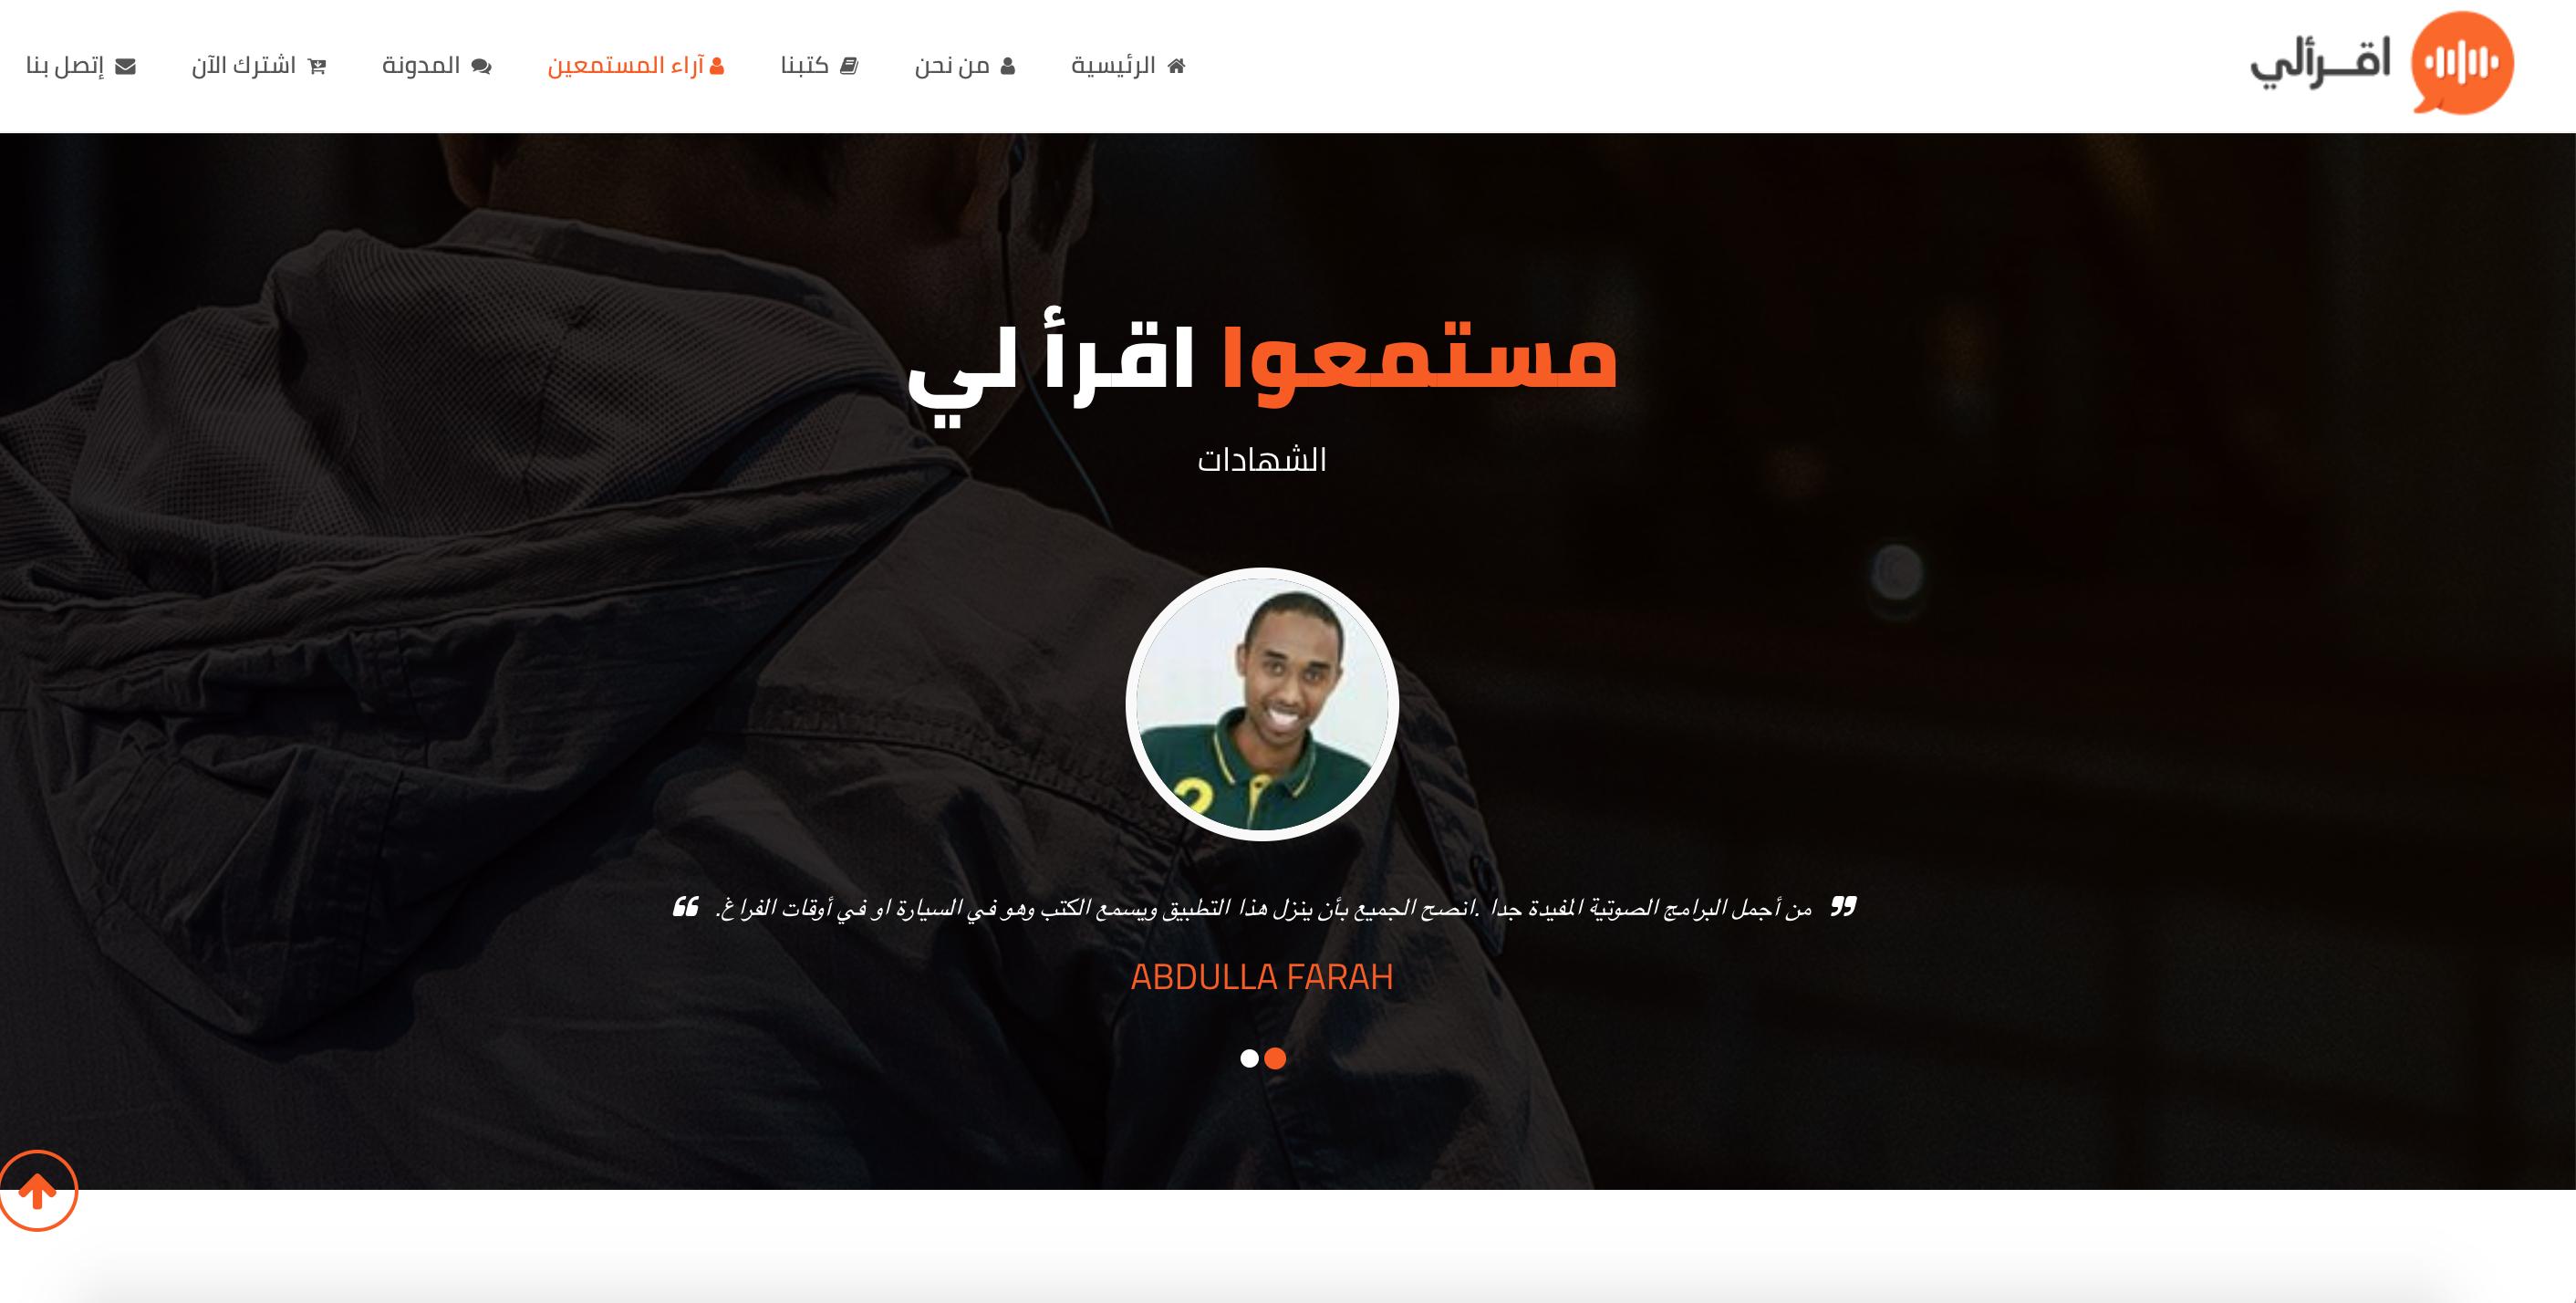 صفحة هبوط الموقع الإلكتروني لتطبيق اقرألي